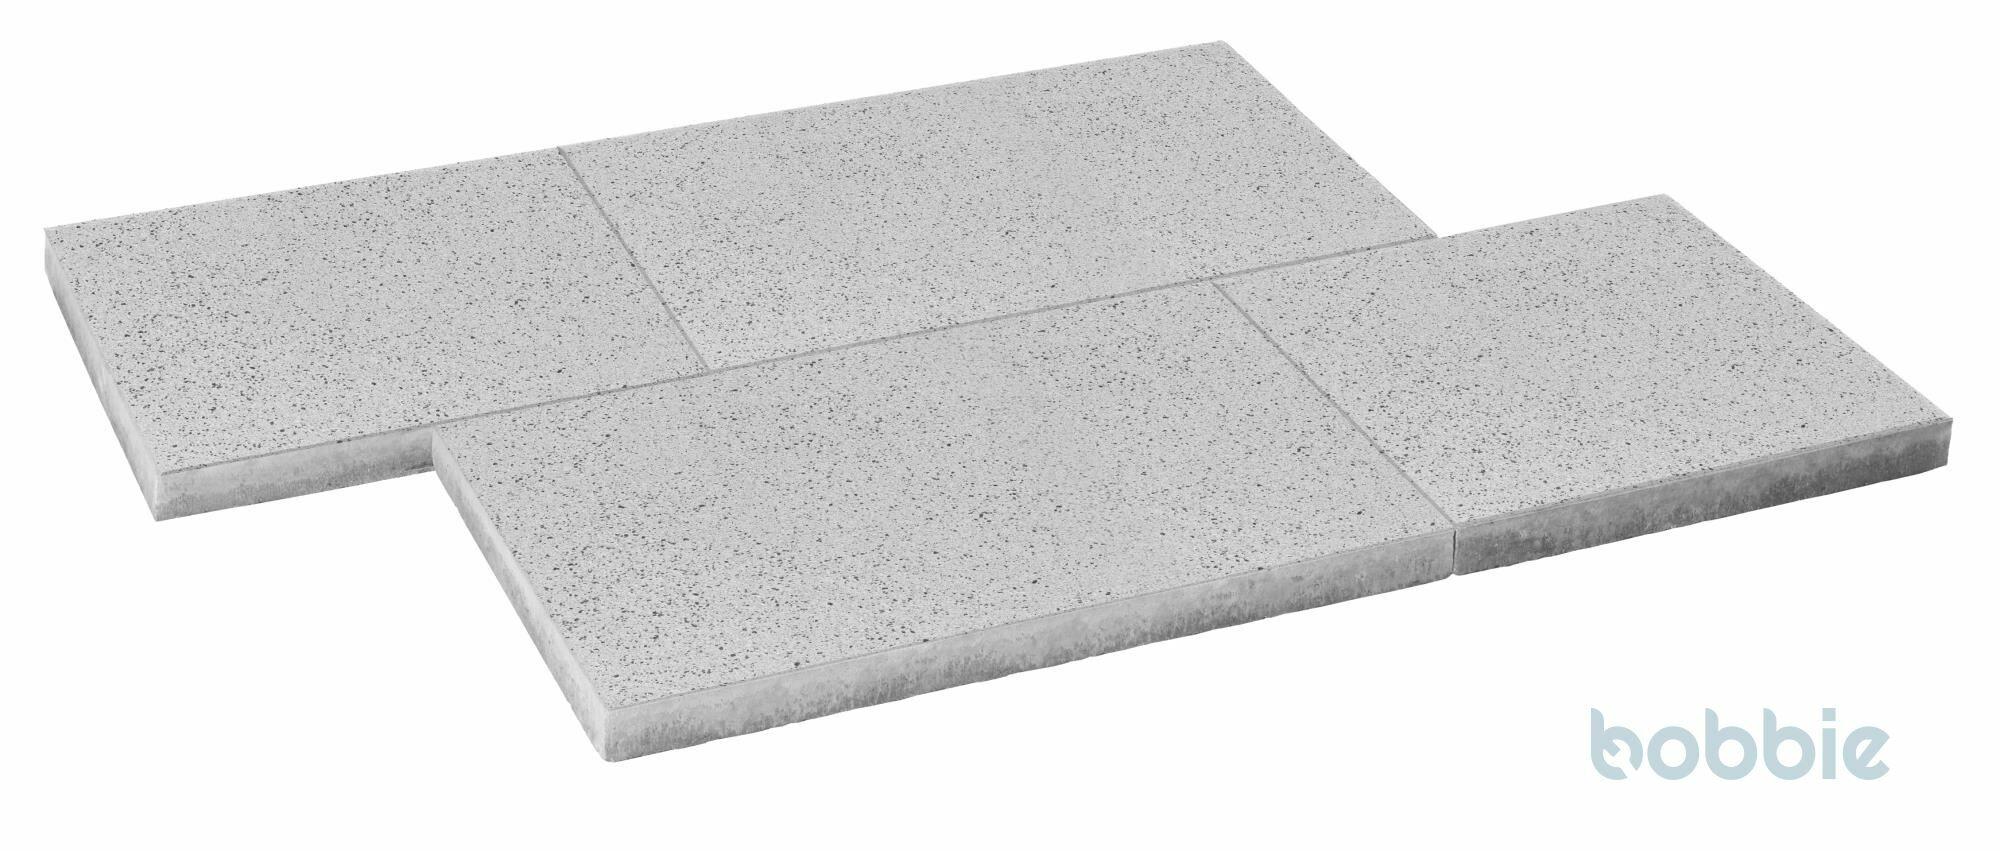 DIEPHAUS Terrassenplatte RUSTO QUARZ 60/40/4 CM PE2